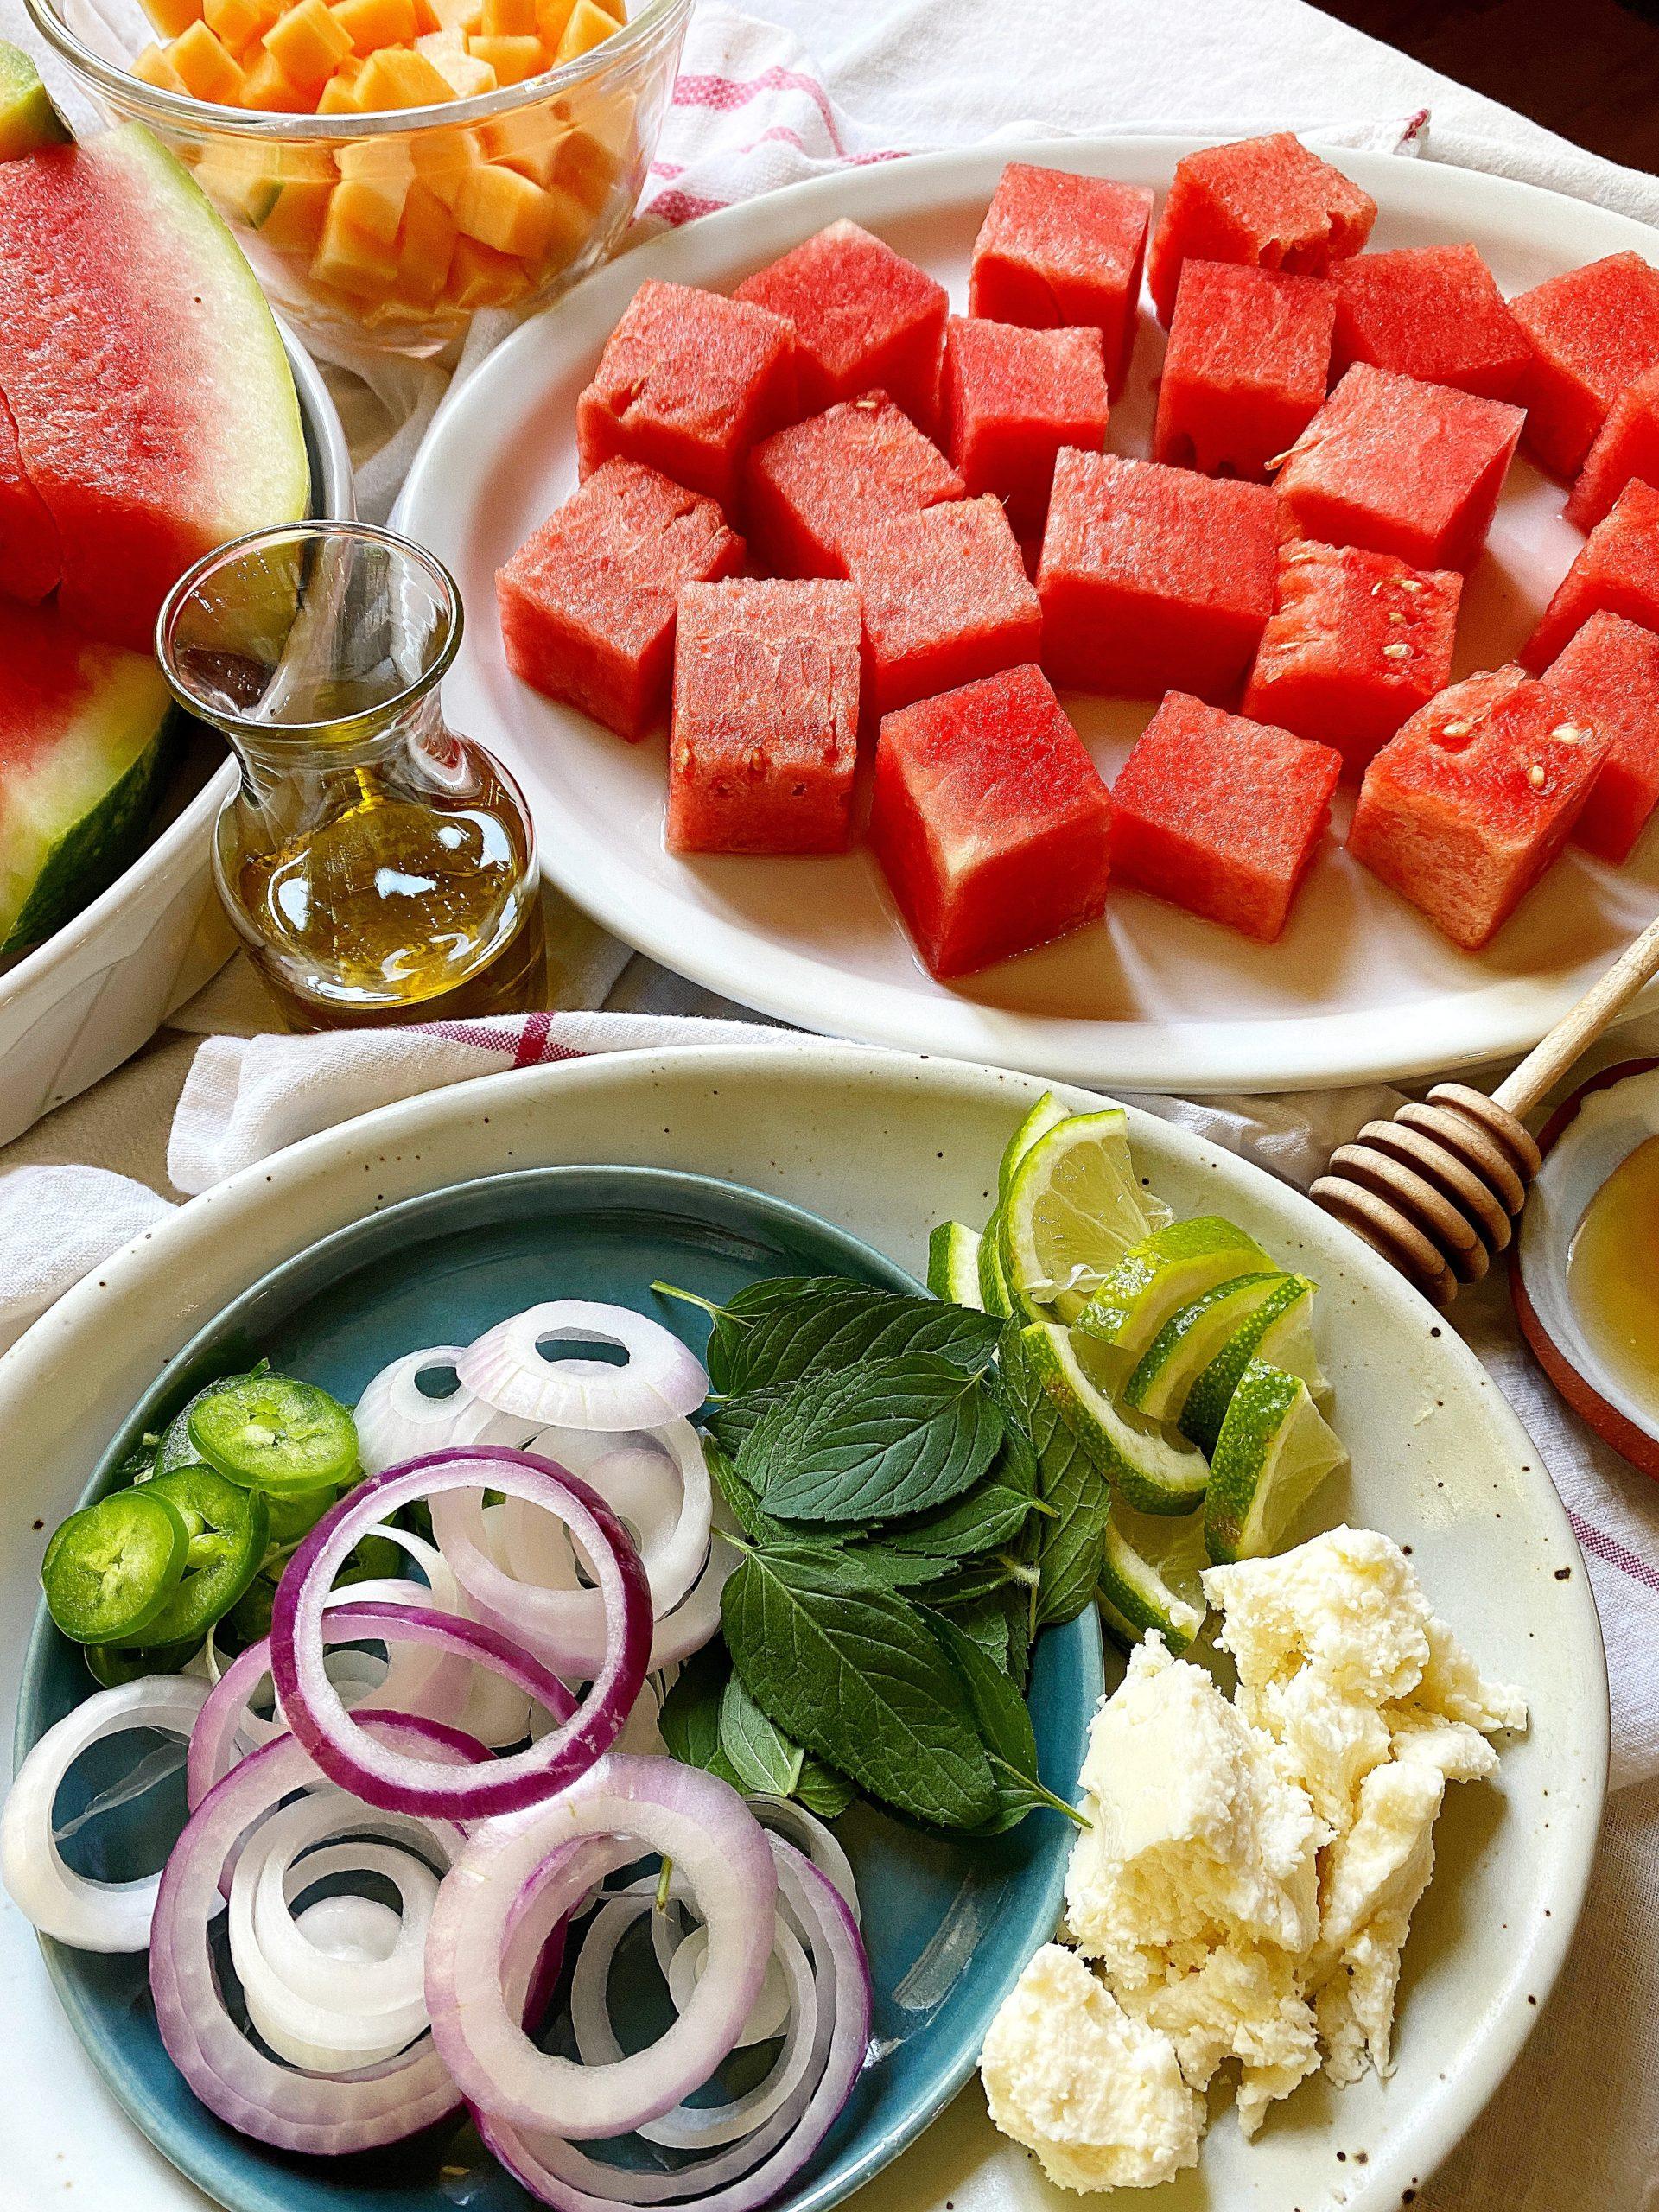 mojito melon salad ingredients close up